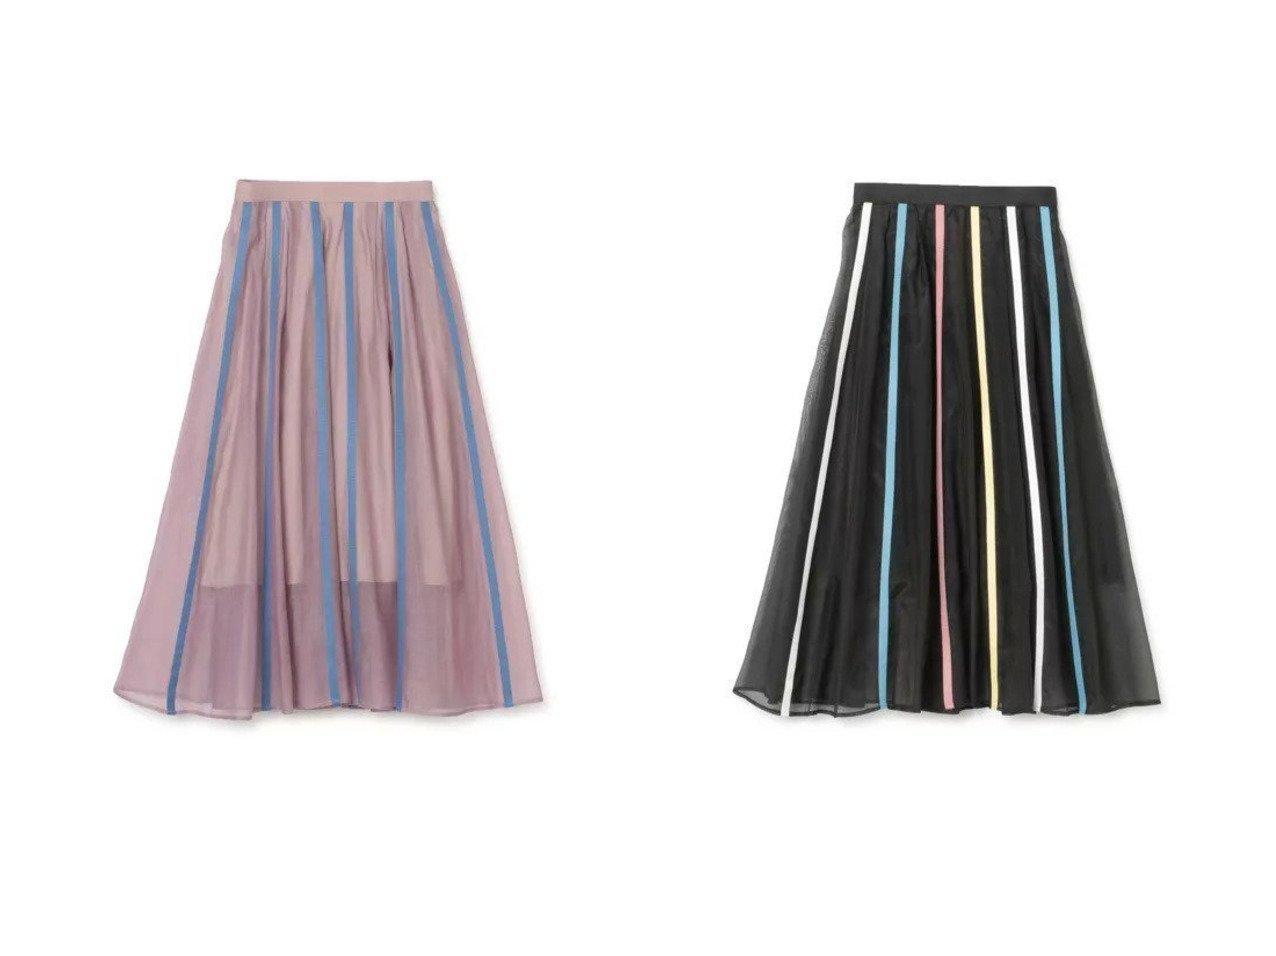 【AKIRANAKA/アキラナカ】のDoloress flare skirt 【スカート】おすすめ!人気、トレンド・レディースファッションの通販 おすすめで人気の流行・トレンド、ファッションの通販商品 メンズファッション・キッズファッション・インテリア・家具・レディースファッション・服の通販 founy(ファニー) https://founy.com/ ファッション Fashion レディースファッション WOMEN スカート Skirt 2021年 2021 2021春夏・S/S SS/Spring/Summer/2021 S/S・春夏 SS・Spring/Summer シフォン ストライプ フェミニン マキシ ロング |ID:crp329100000028449